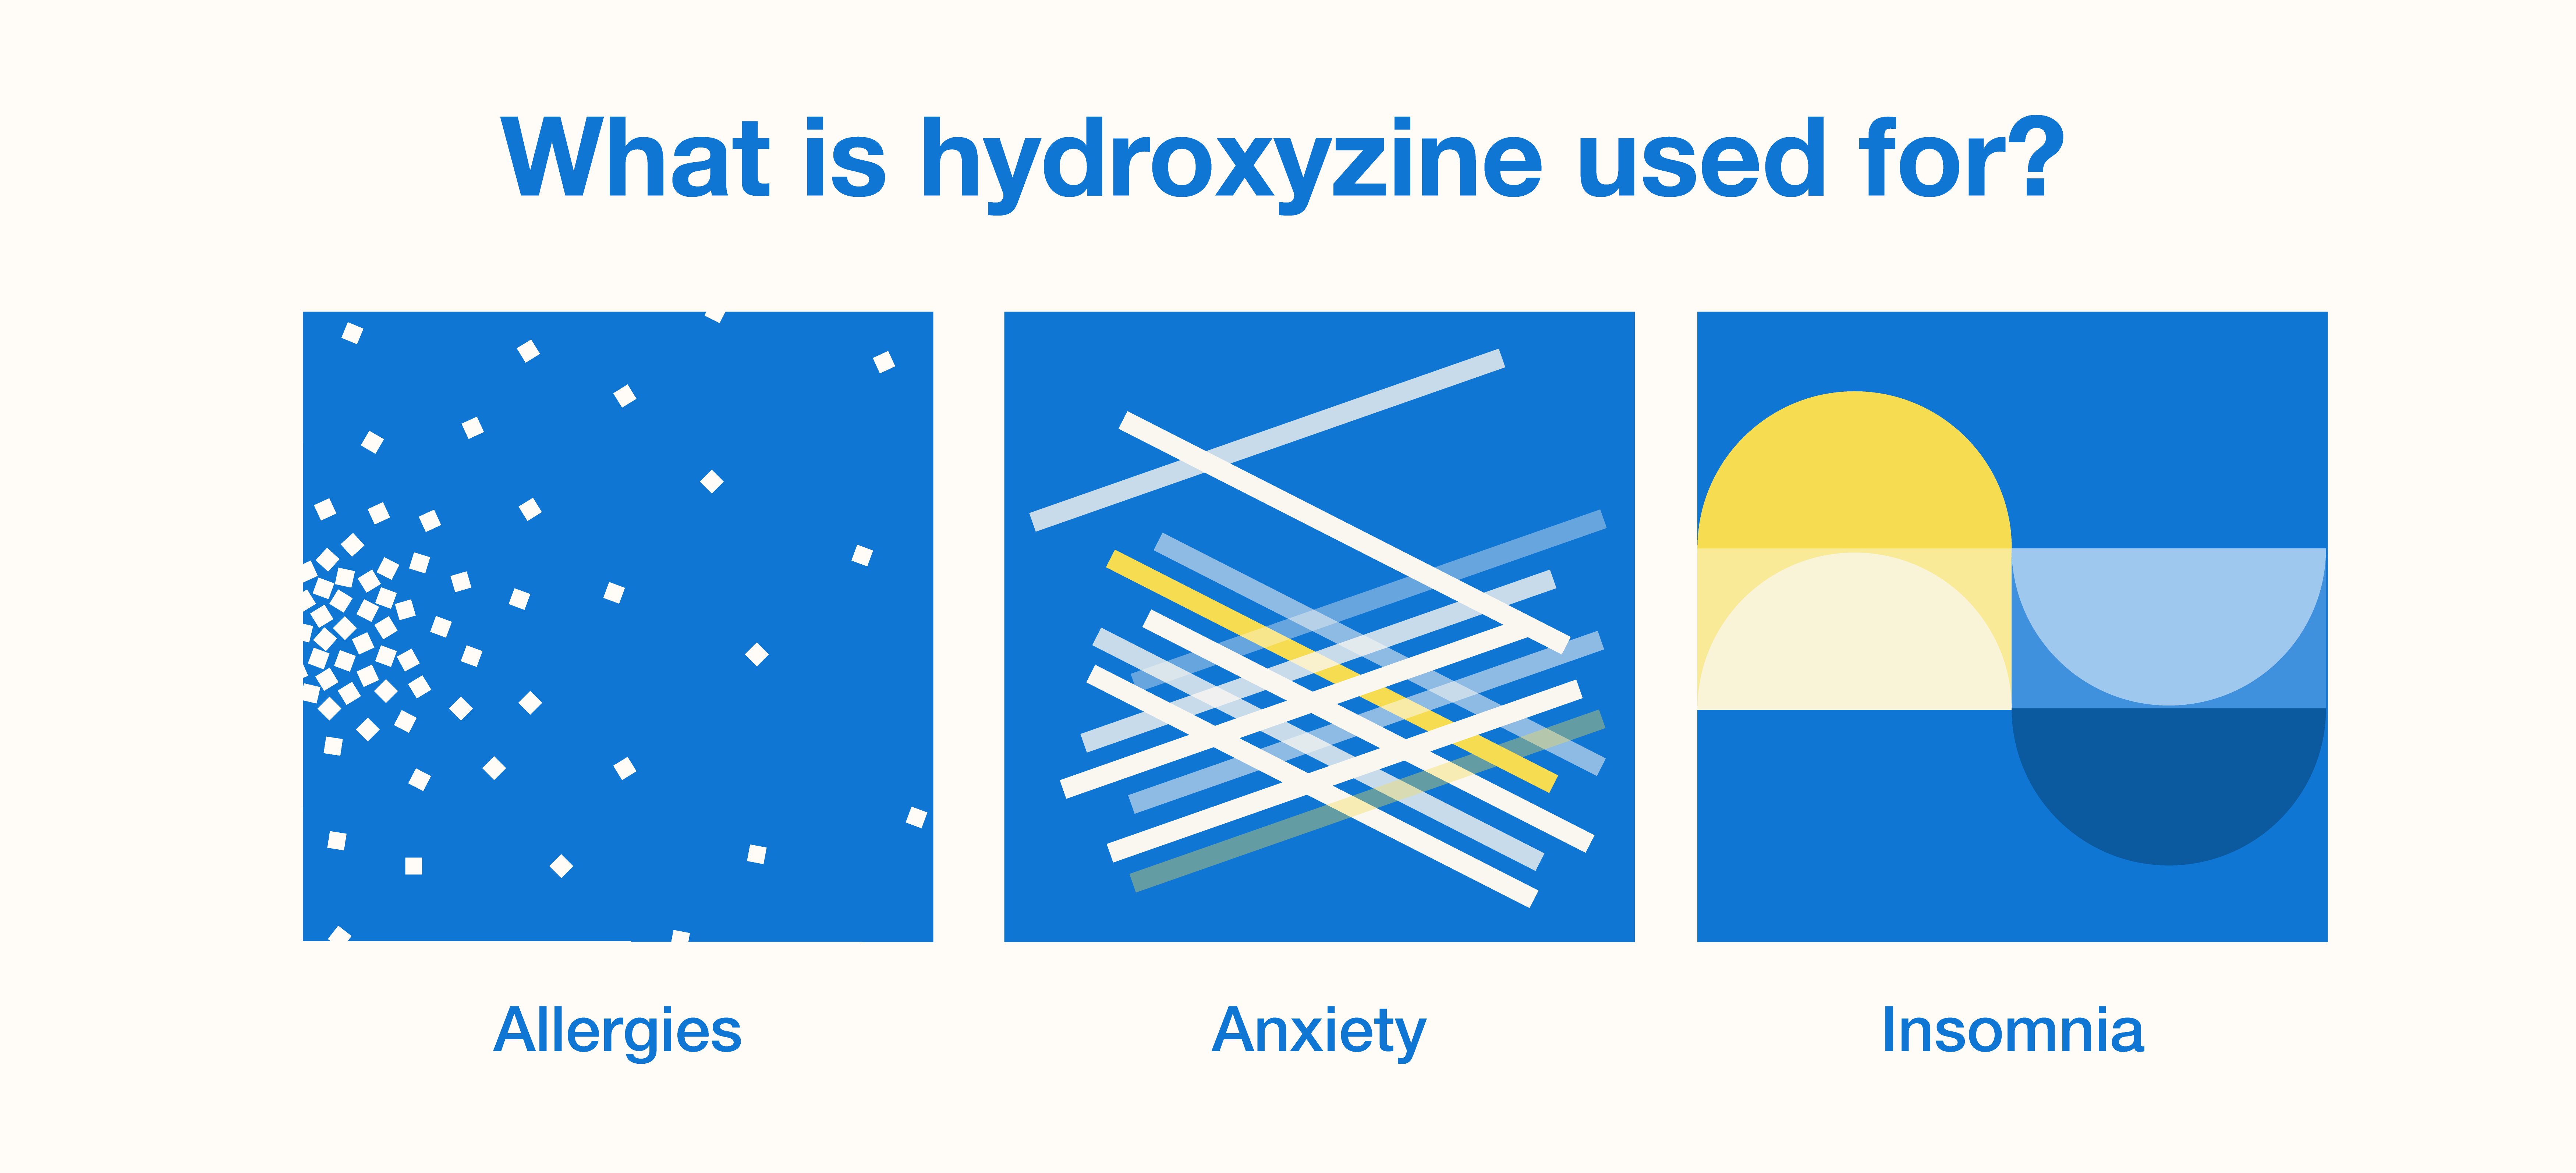 What is hydroxyzine